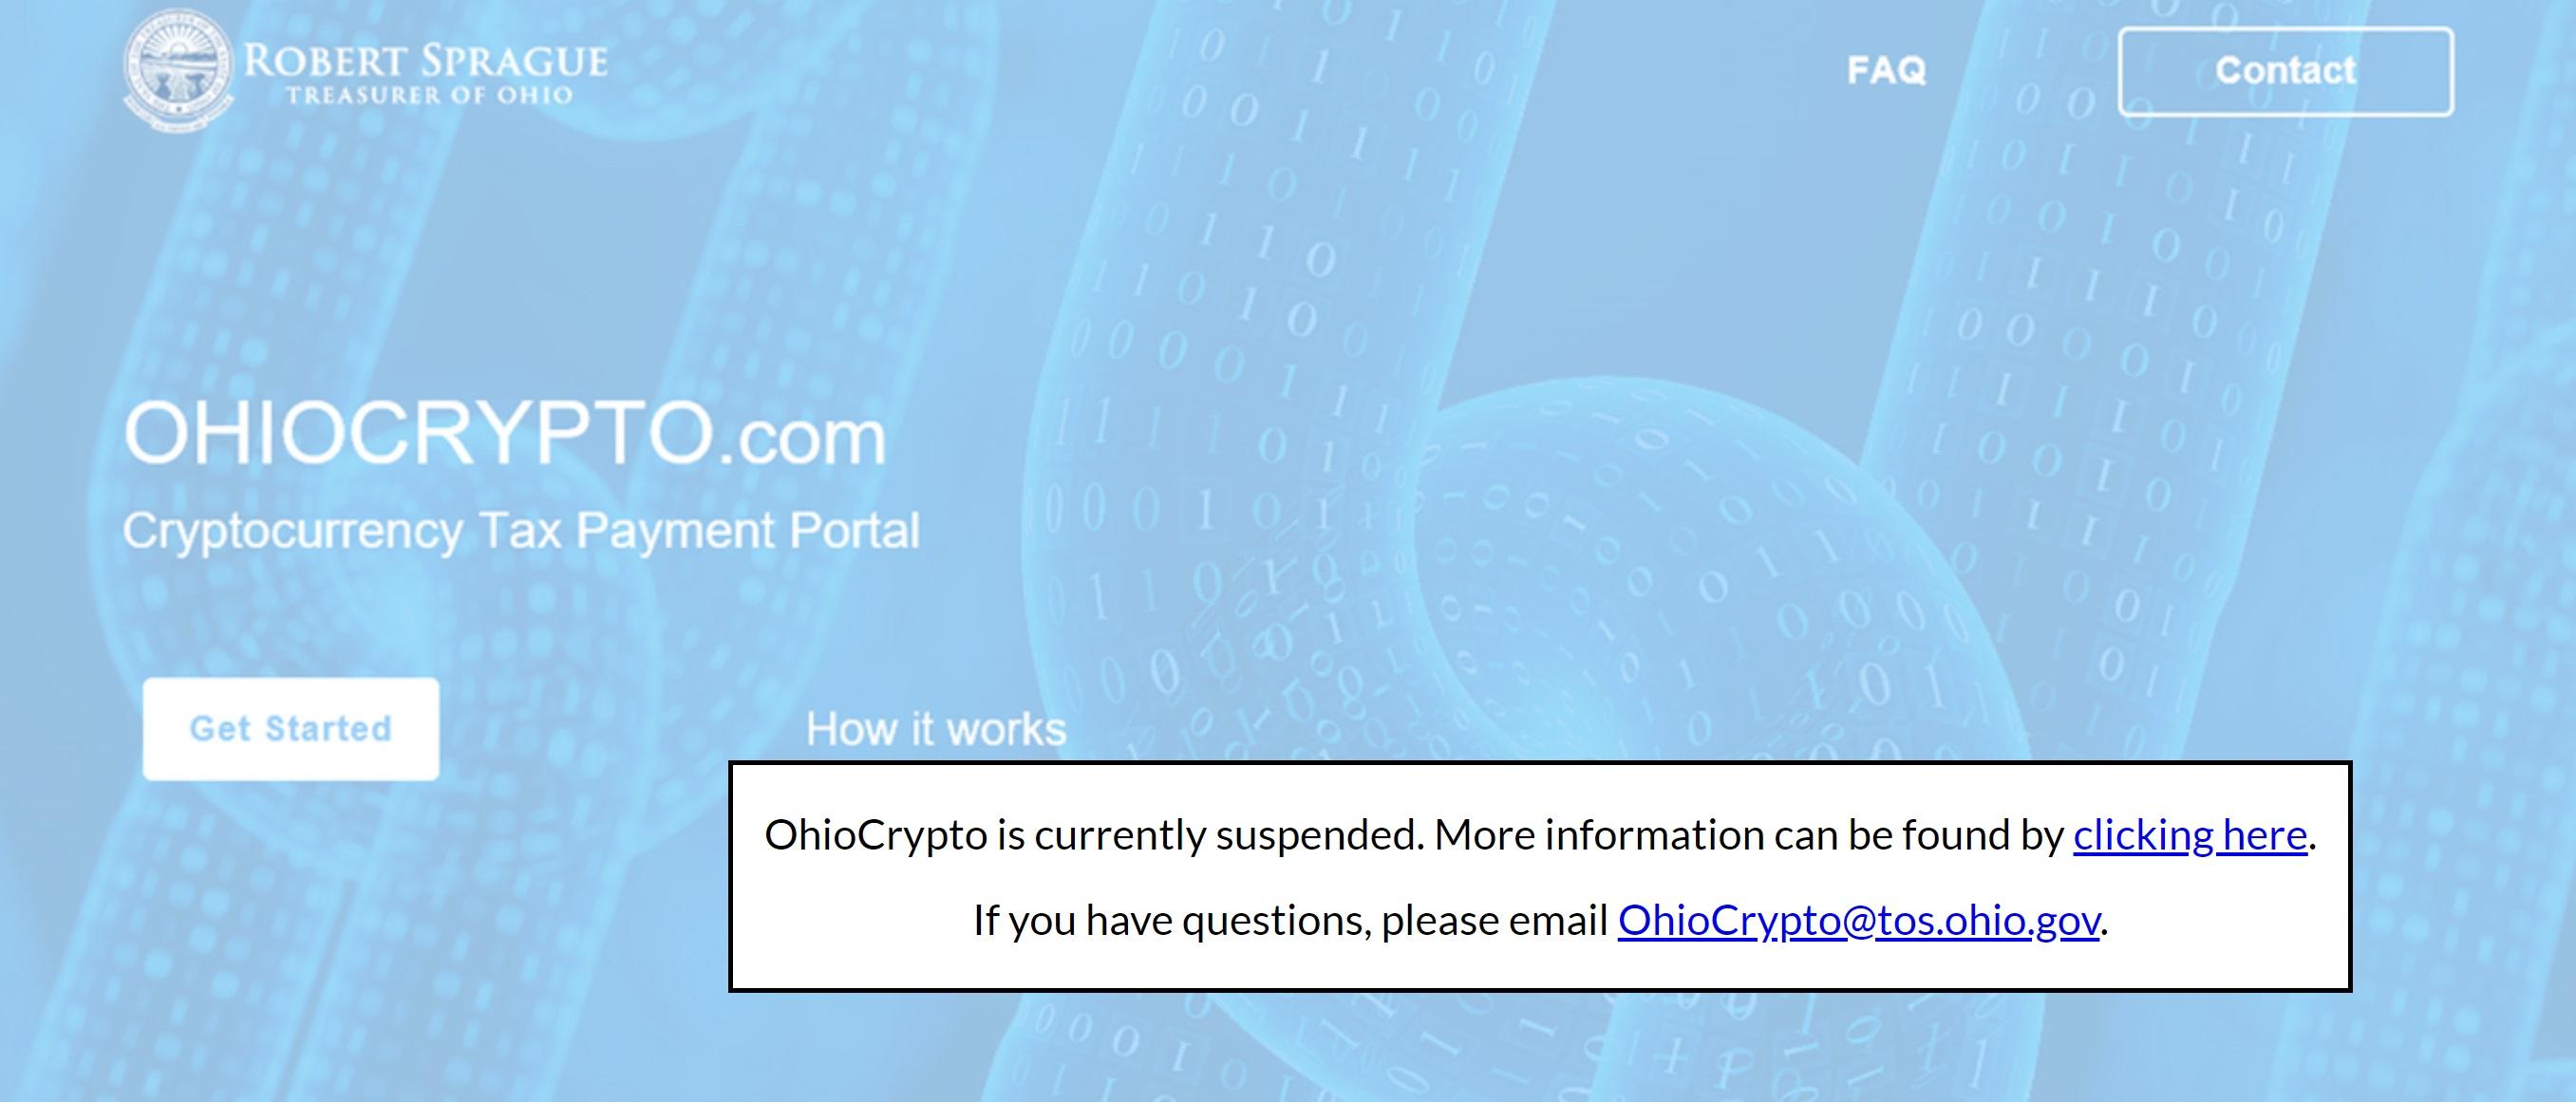 """El Programa de cifrado de Ohio golpea un obstáculo, el Fiscal General lo encuentra ilegal """"width ="""" 2713 """"height ="""" 1161 """"srcset ="""" https://news.bitcoin.com/ wp-content / uploads / 2019/11 / suspension.jpg 2713w, https://news.bitcoin.com/wp-content/uploads/2019/11/suspended-300x128.jpg 300w, https: //news.bitcoin. com / wp-content / uploads / 2019/11 / suspension-768x329.jpg 768w, https://news.bitcoin.com/wp-content/uploads/2019/11/suspended-1024x438.jpg 1024w, https: // news.bitcoin.com/wp-content/uploads/2019/11/suspended-696x298.jpg 696w, https://news.bitcoin.com/wp-content/uploads/2019/11/suspended-1392x596.jpg 1392w, https://news.bitcoin.com/wp-content/uploads/2019/11/suspended-1068x457.jpg 1068w, https://news.bitcoin.com/wp-content/uploads/2019/11/suspended-981x420 .jpg 981w, https://news.bitcoin.com/wp-content/uploads/2019/11/suspended-1920x822.jpg 1920w """"tamaños ="""" (ancho máximo: 2713px) 100vw, 2713px"""